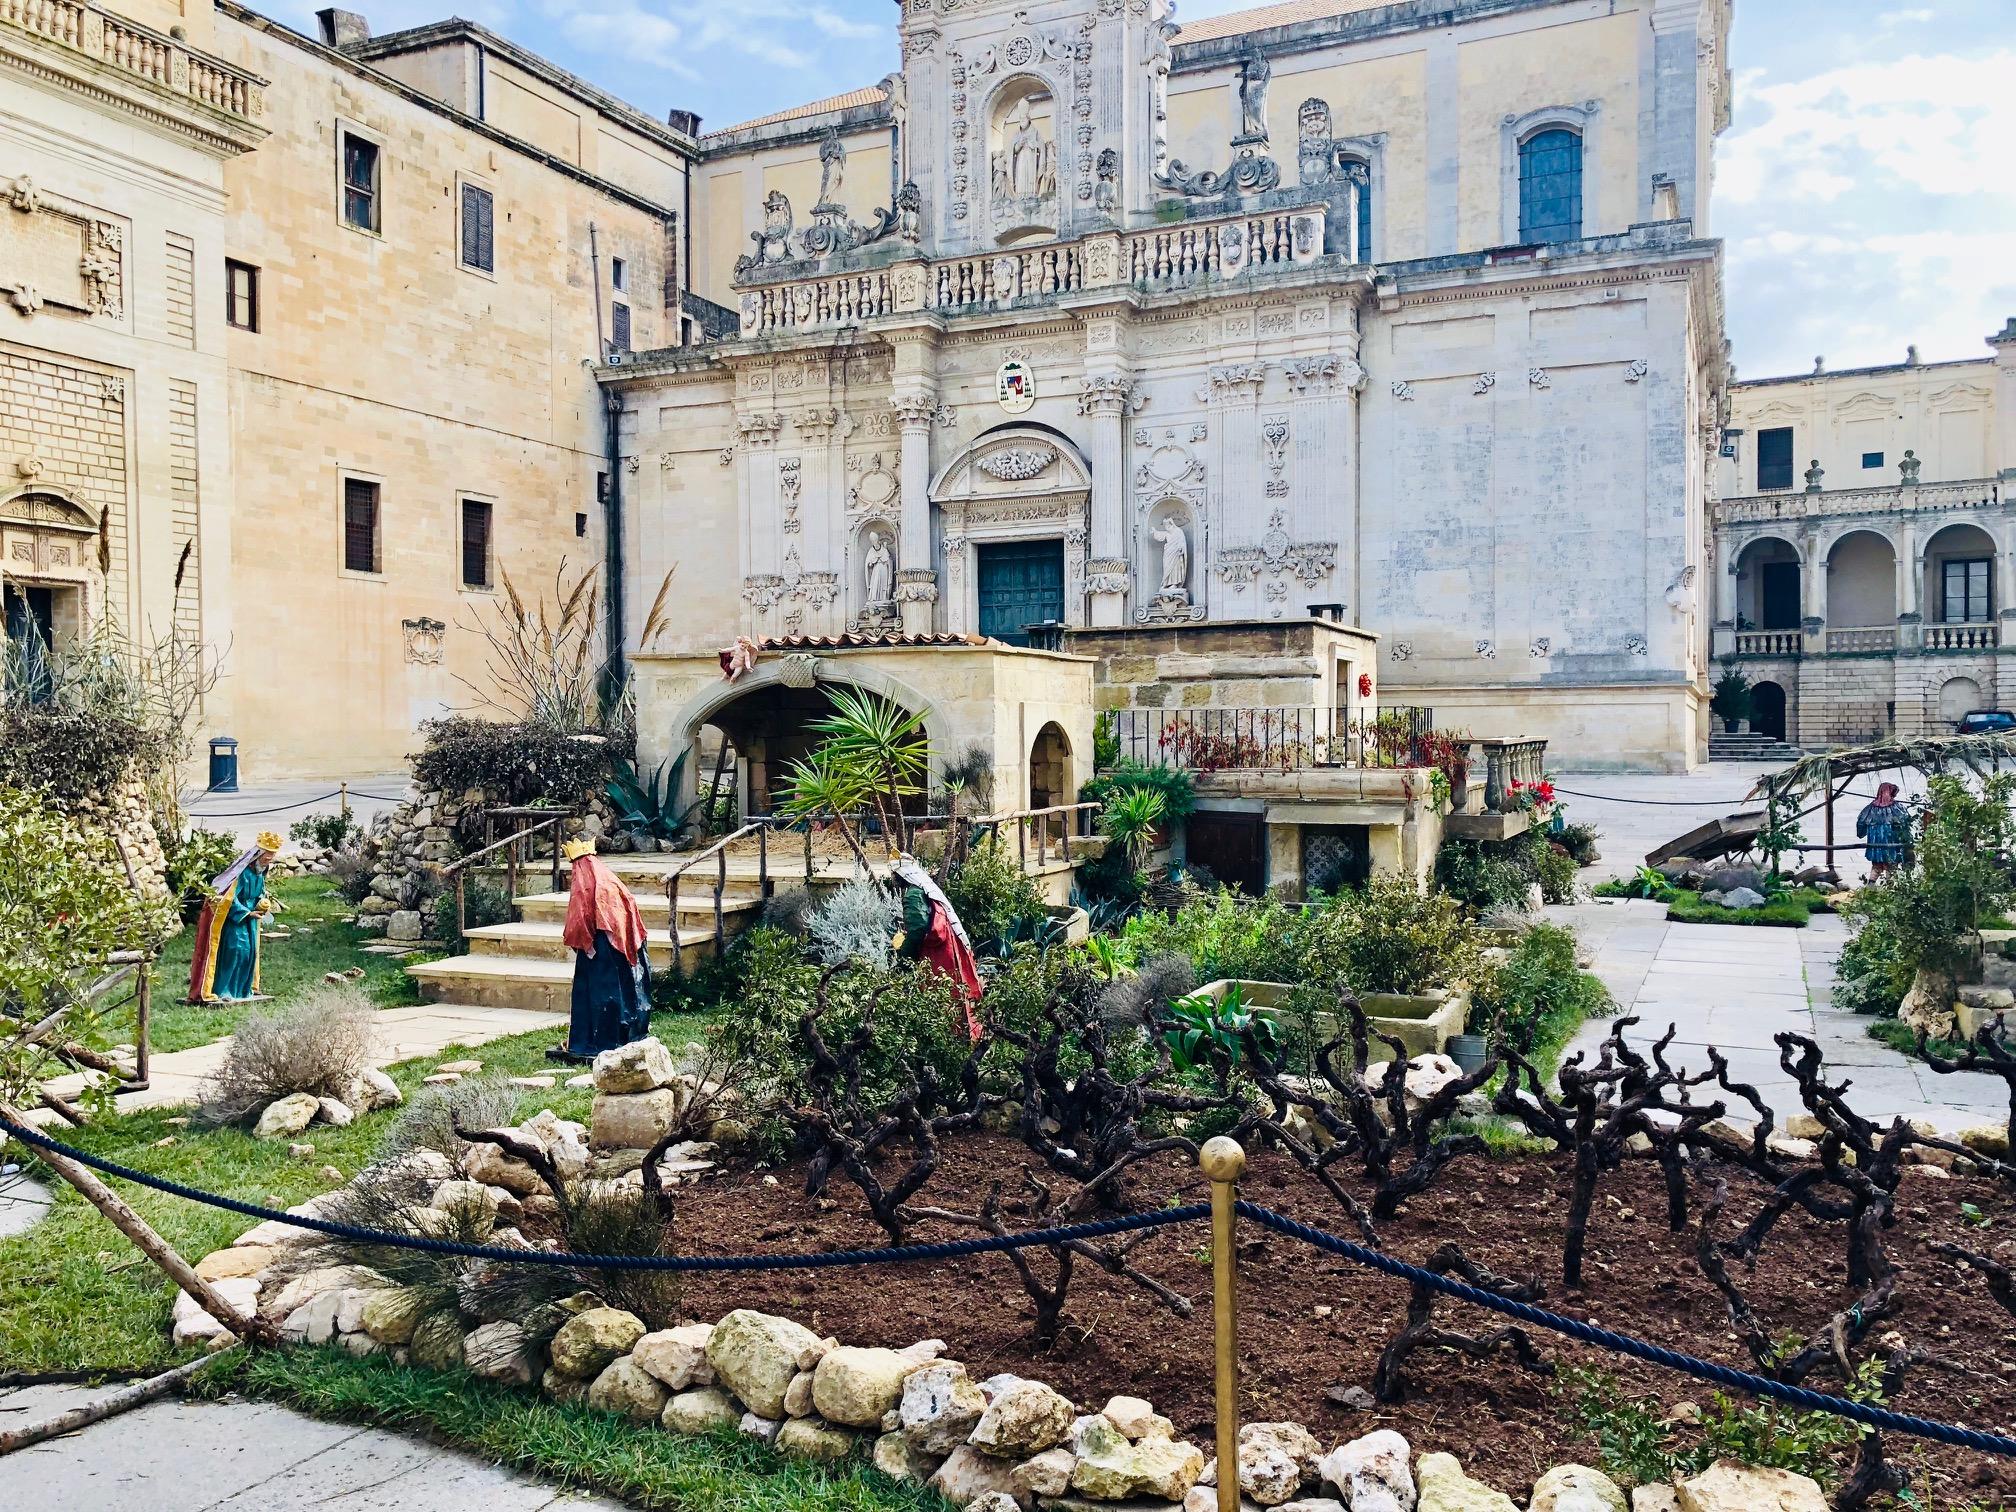 il presepe in pietra leccese esposto in Piazza Duomo - Lecce 2018